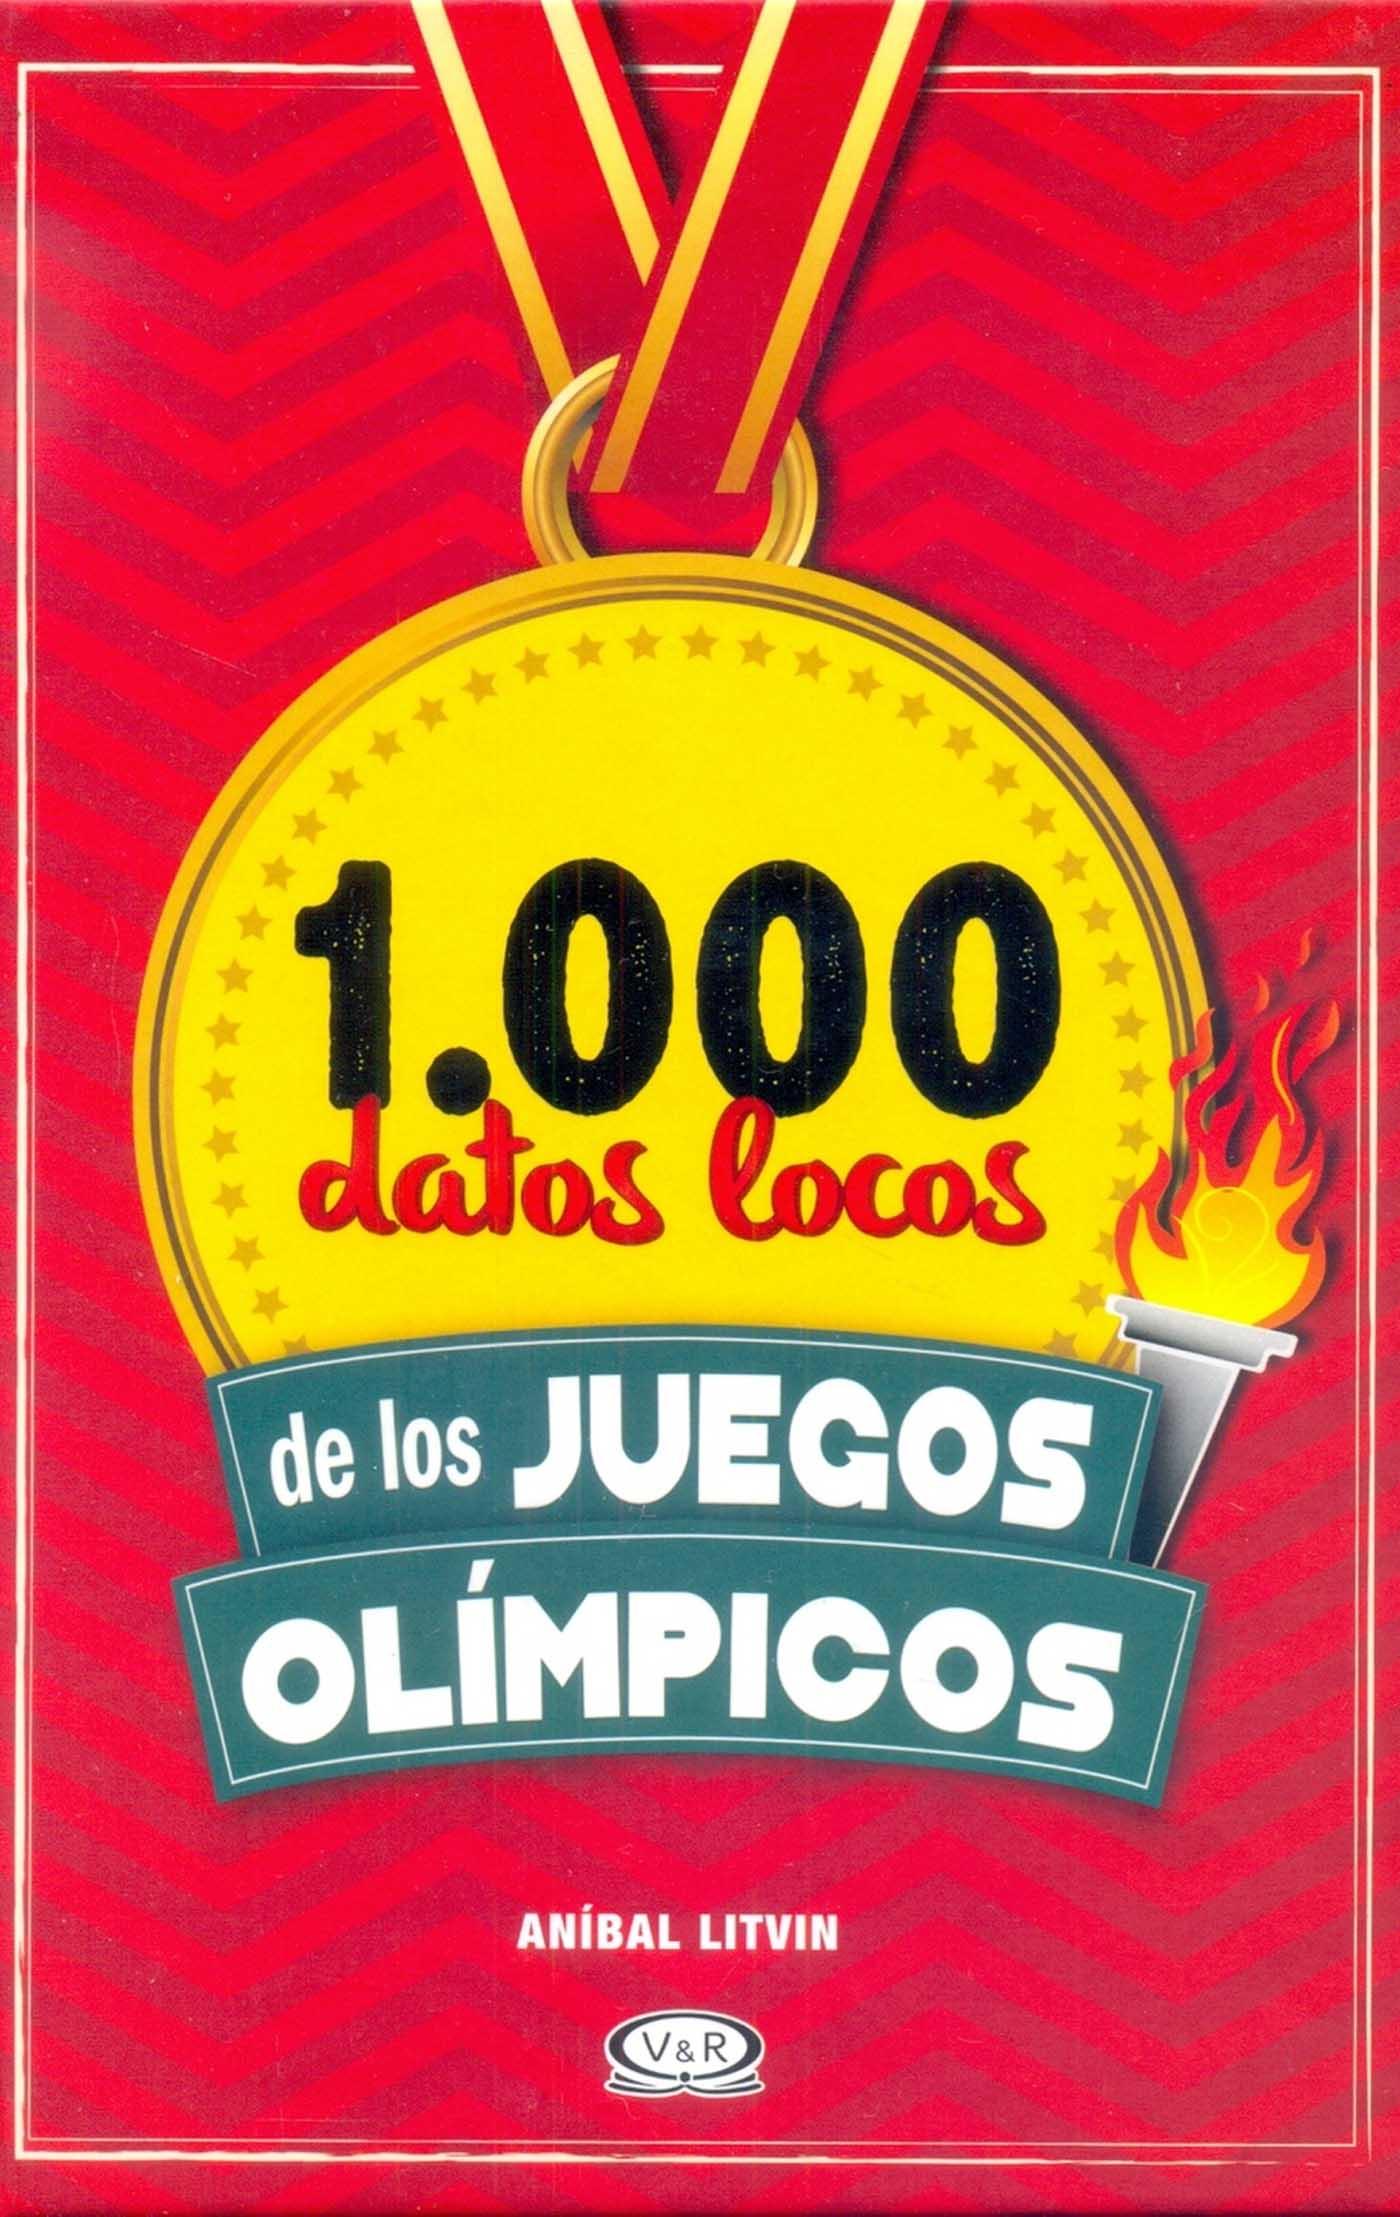 1000 datos locos de los Juegos Olímpicos Anibal Litvin